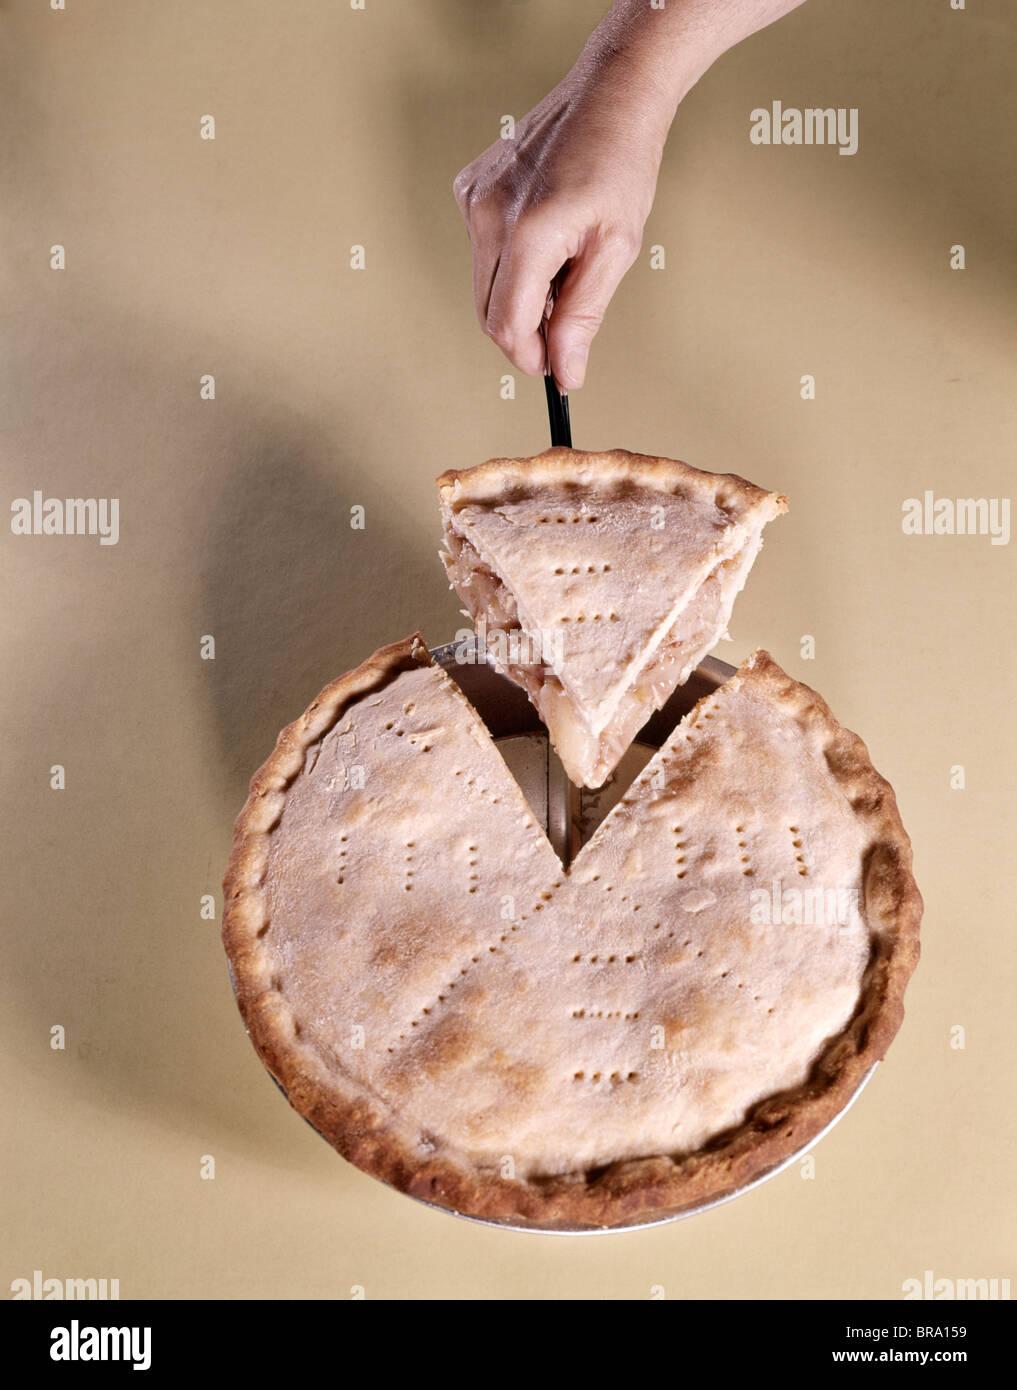 1970 Sirviendo de mano WEDGE rebanada de pastel de manzana Imagen De Stock